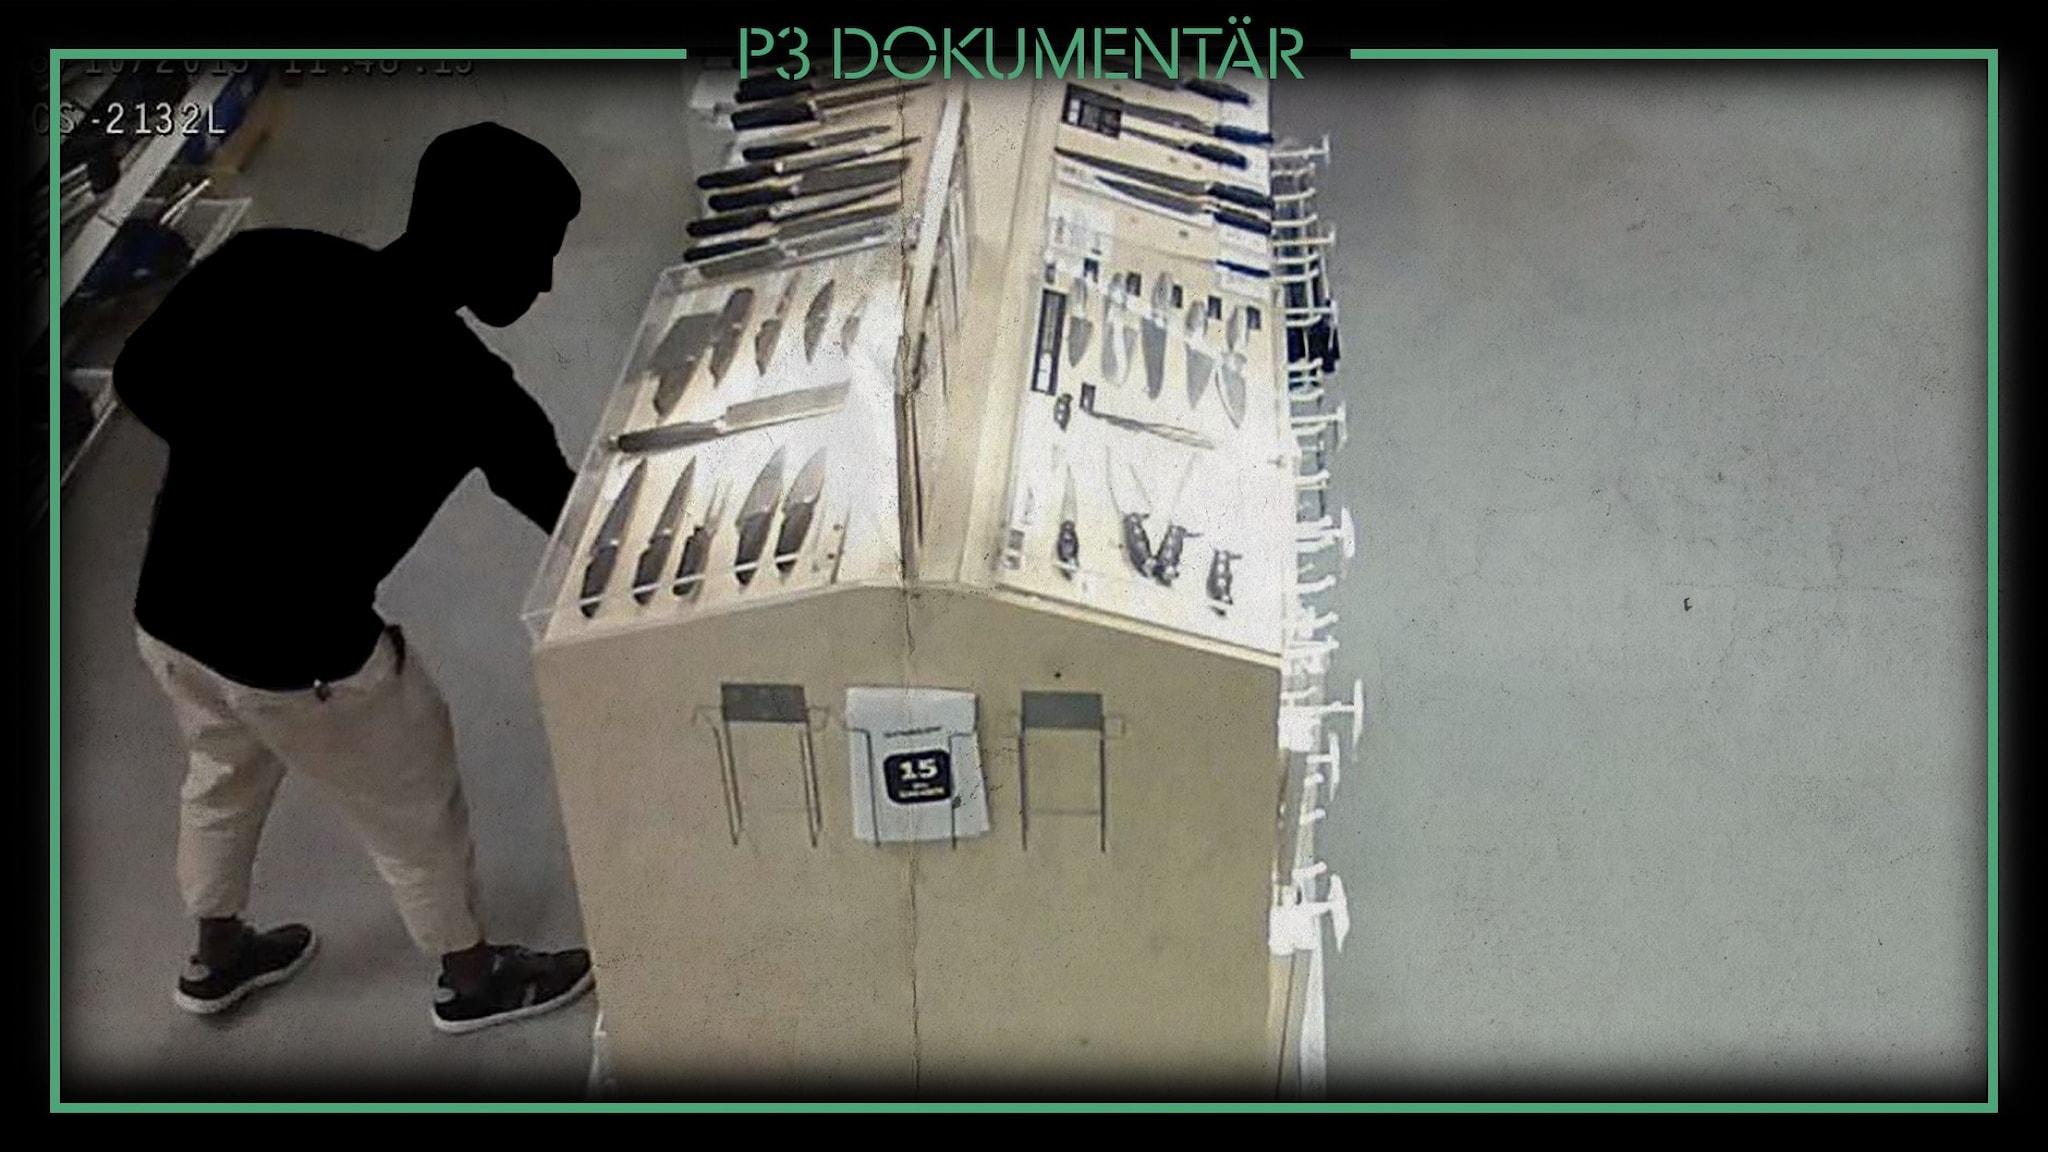 Dubbelmordet på Ikea P3 Dokumentär